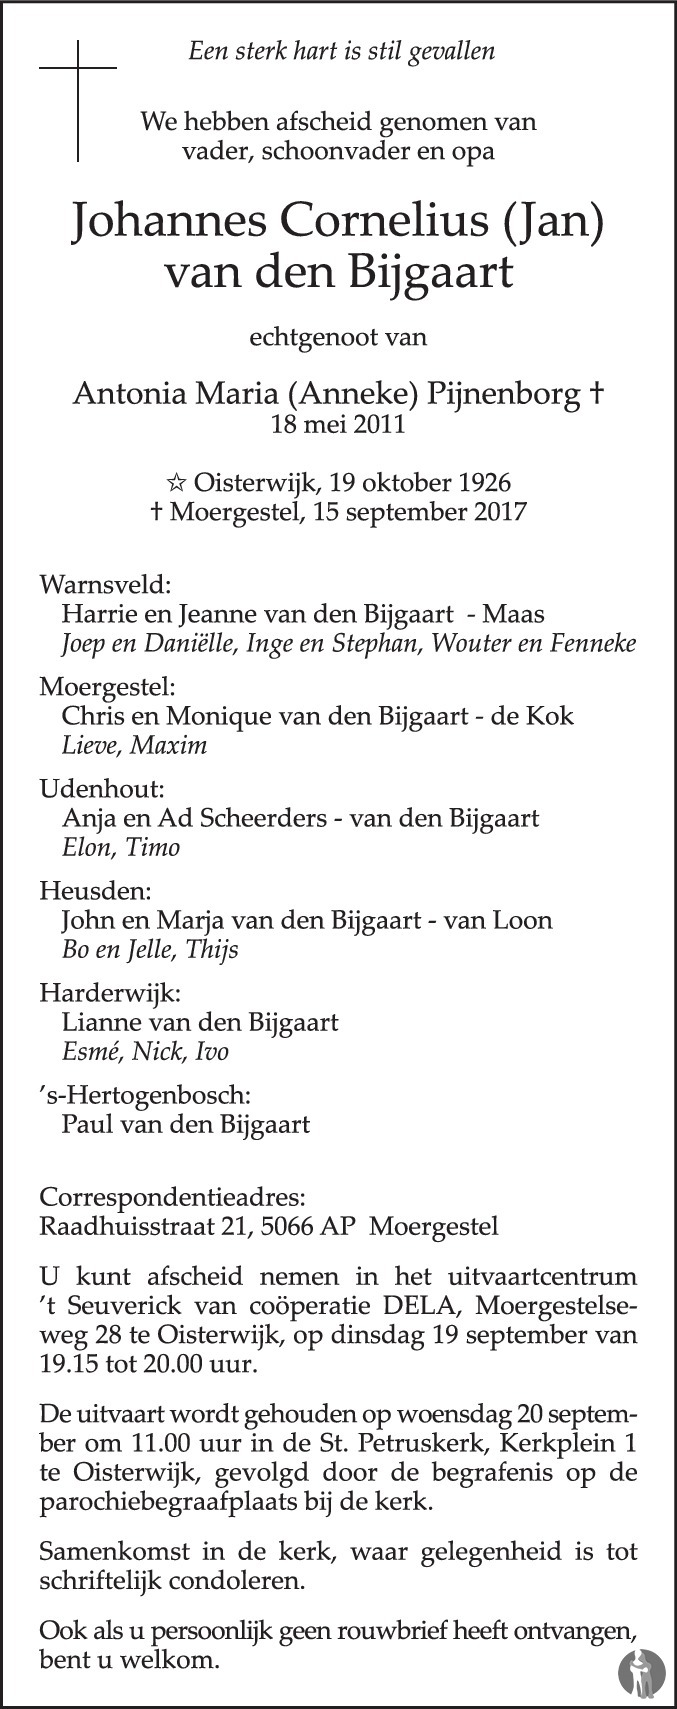 Overlijdensbericht van Johannes Cornelius (Jan) van den Bijgaart in Brabants Dagblad